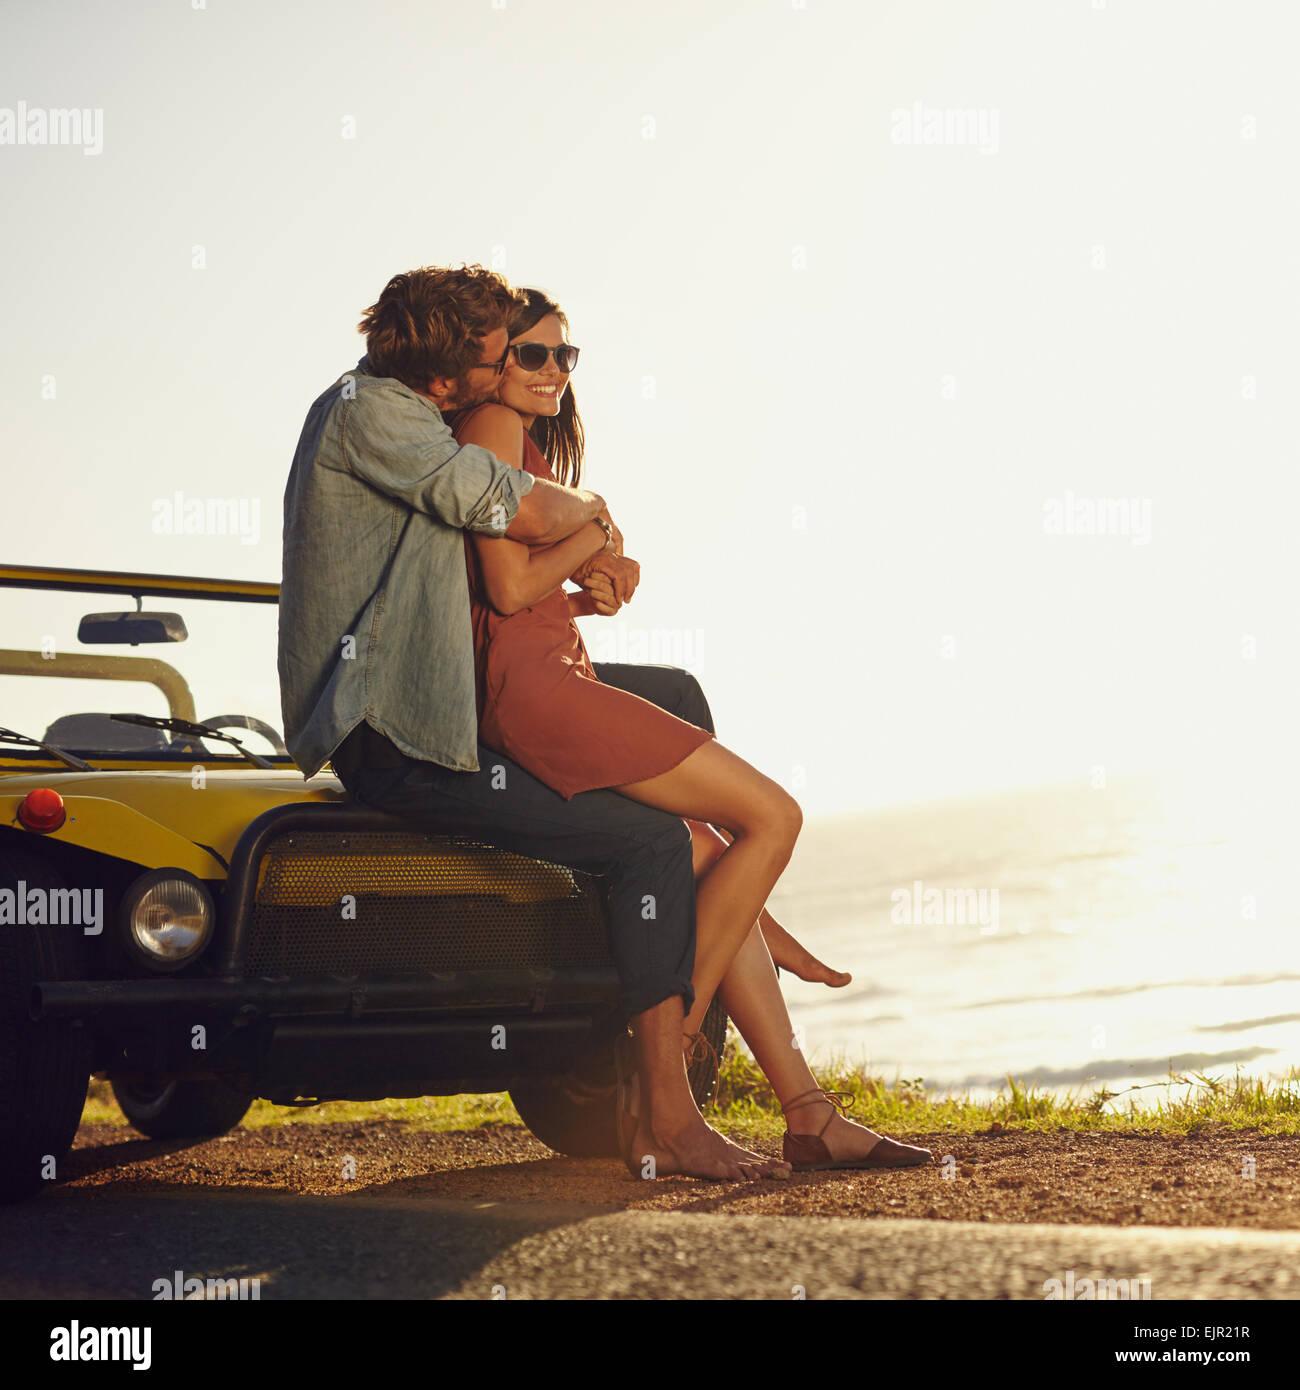 Junges Paar in Liebe umarmen und küssen. Junger Mann und Frau sitzen auf der Motorhaube. Romantische junges Stockbild